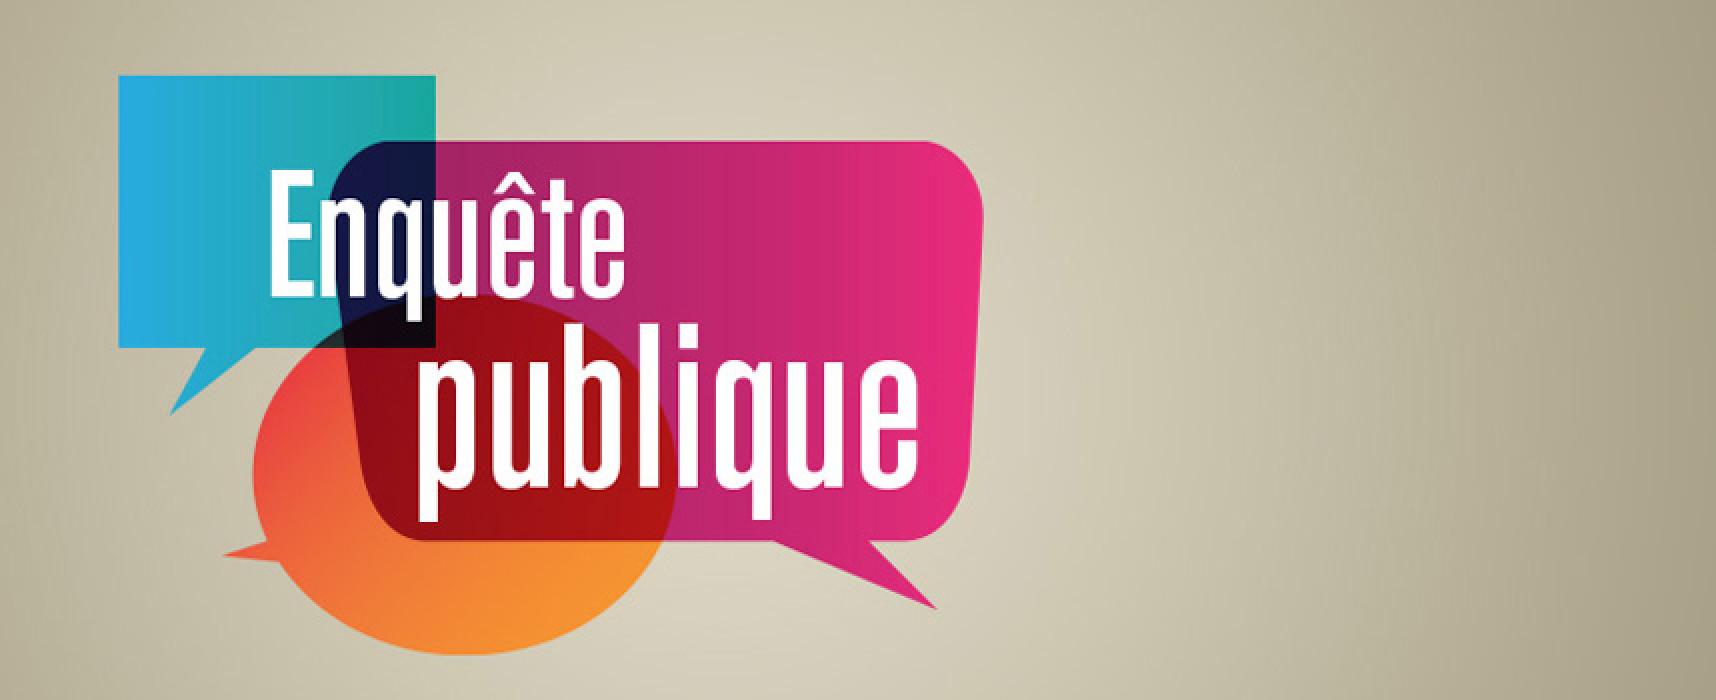 Enquête publique – contrats Creuse amont et Sources en action #Rivières